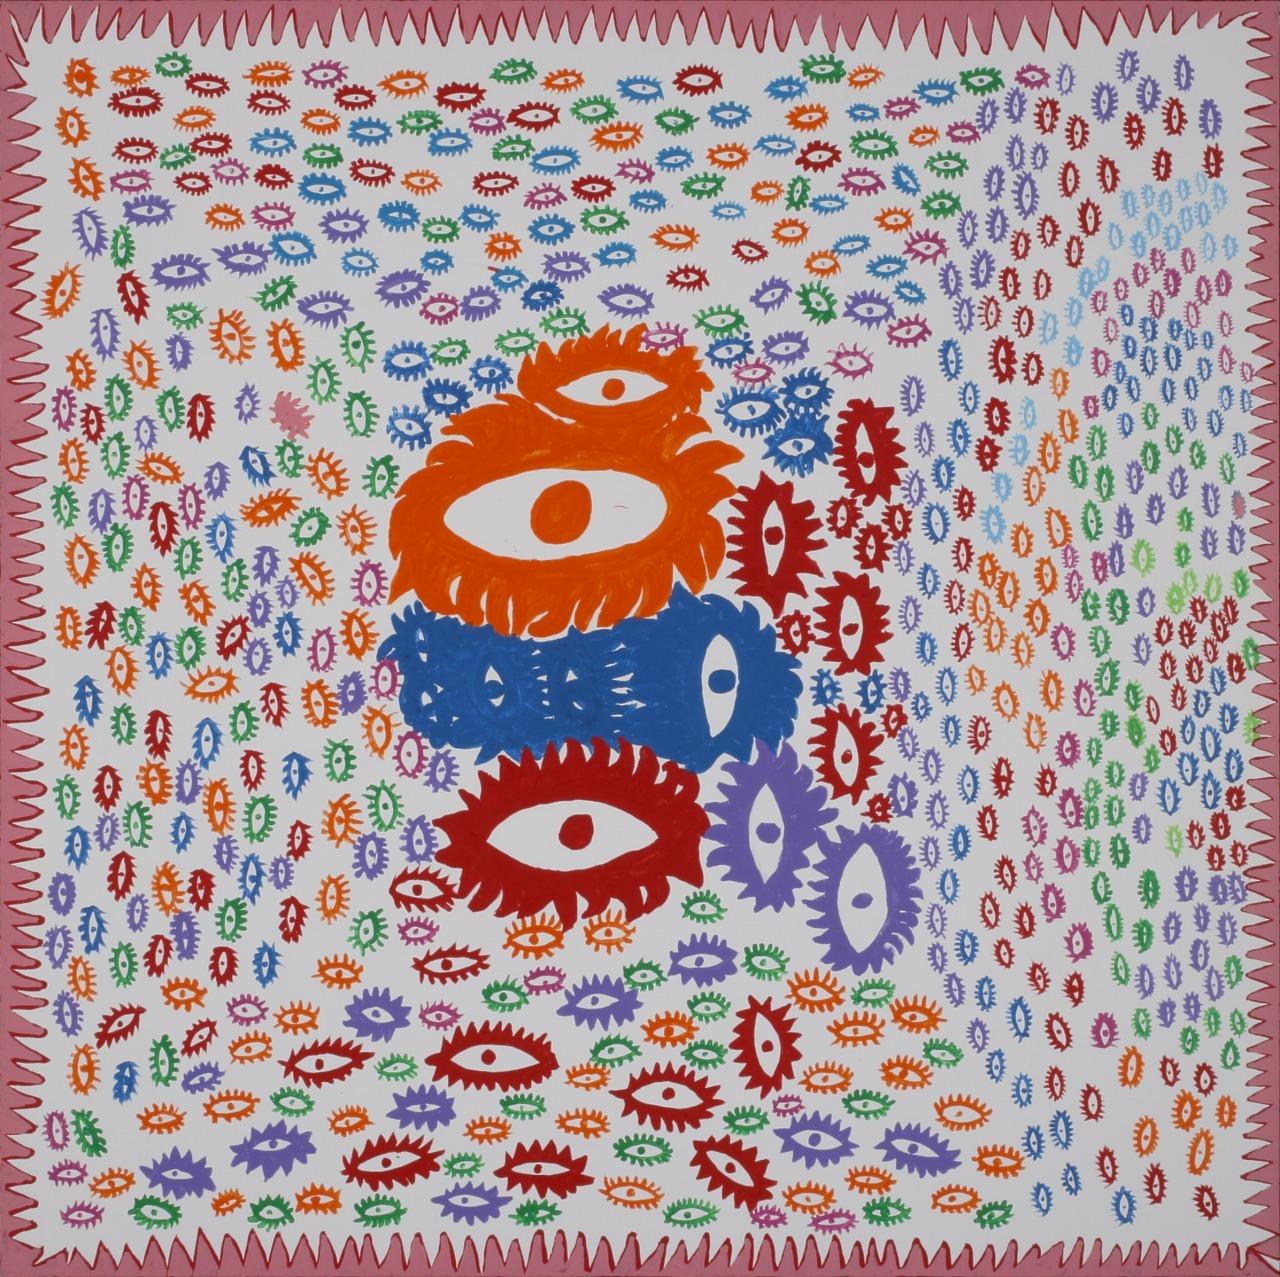 草間彌生 わたしの大好きな眼たち 2013年 アクリル・キャンバス 194×194cm ©YAYOI KUSAMA